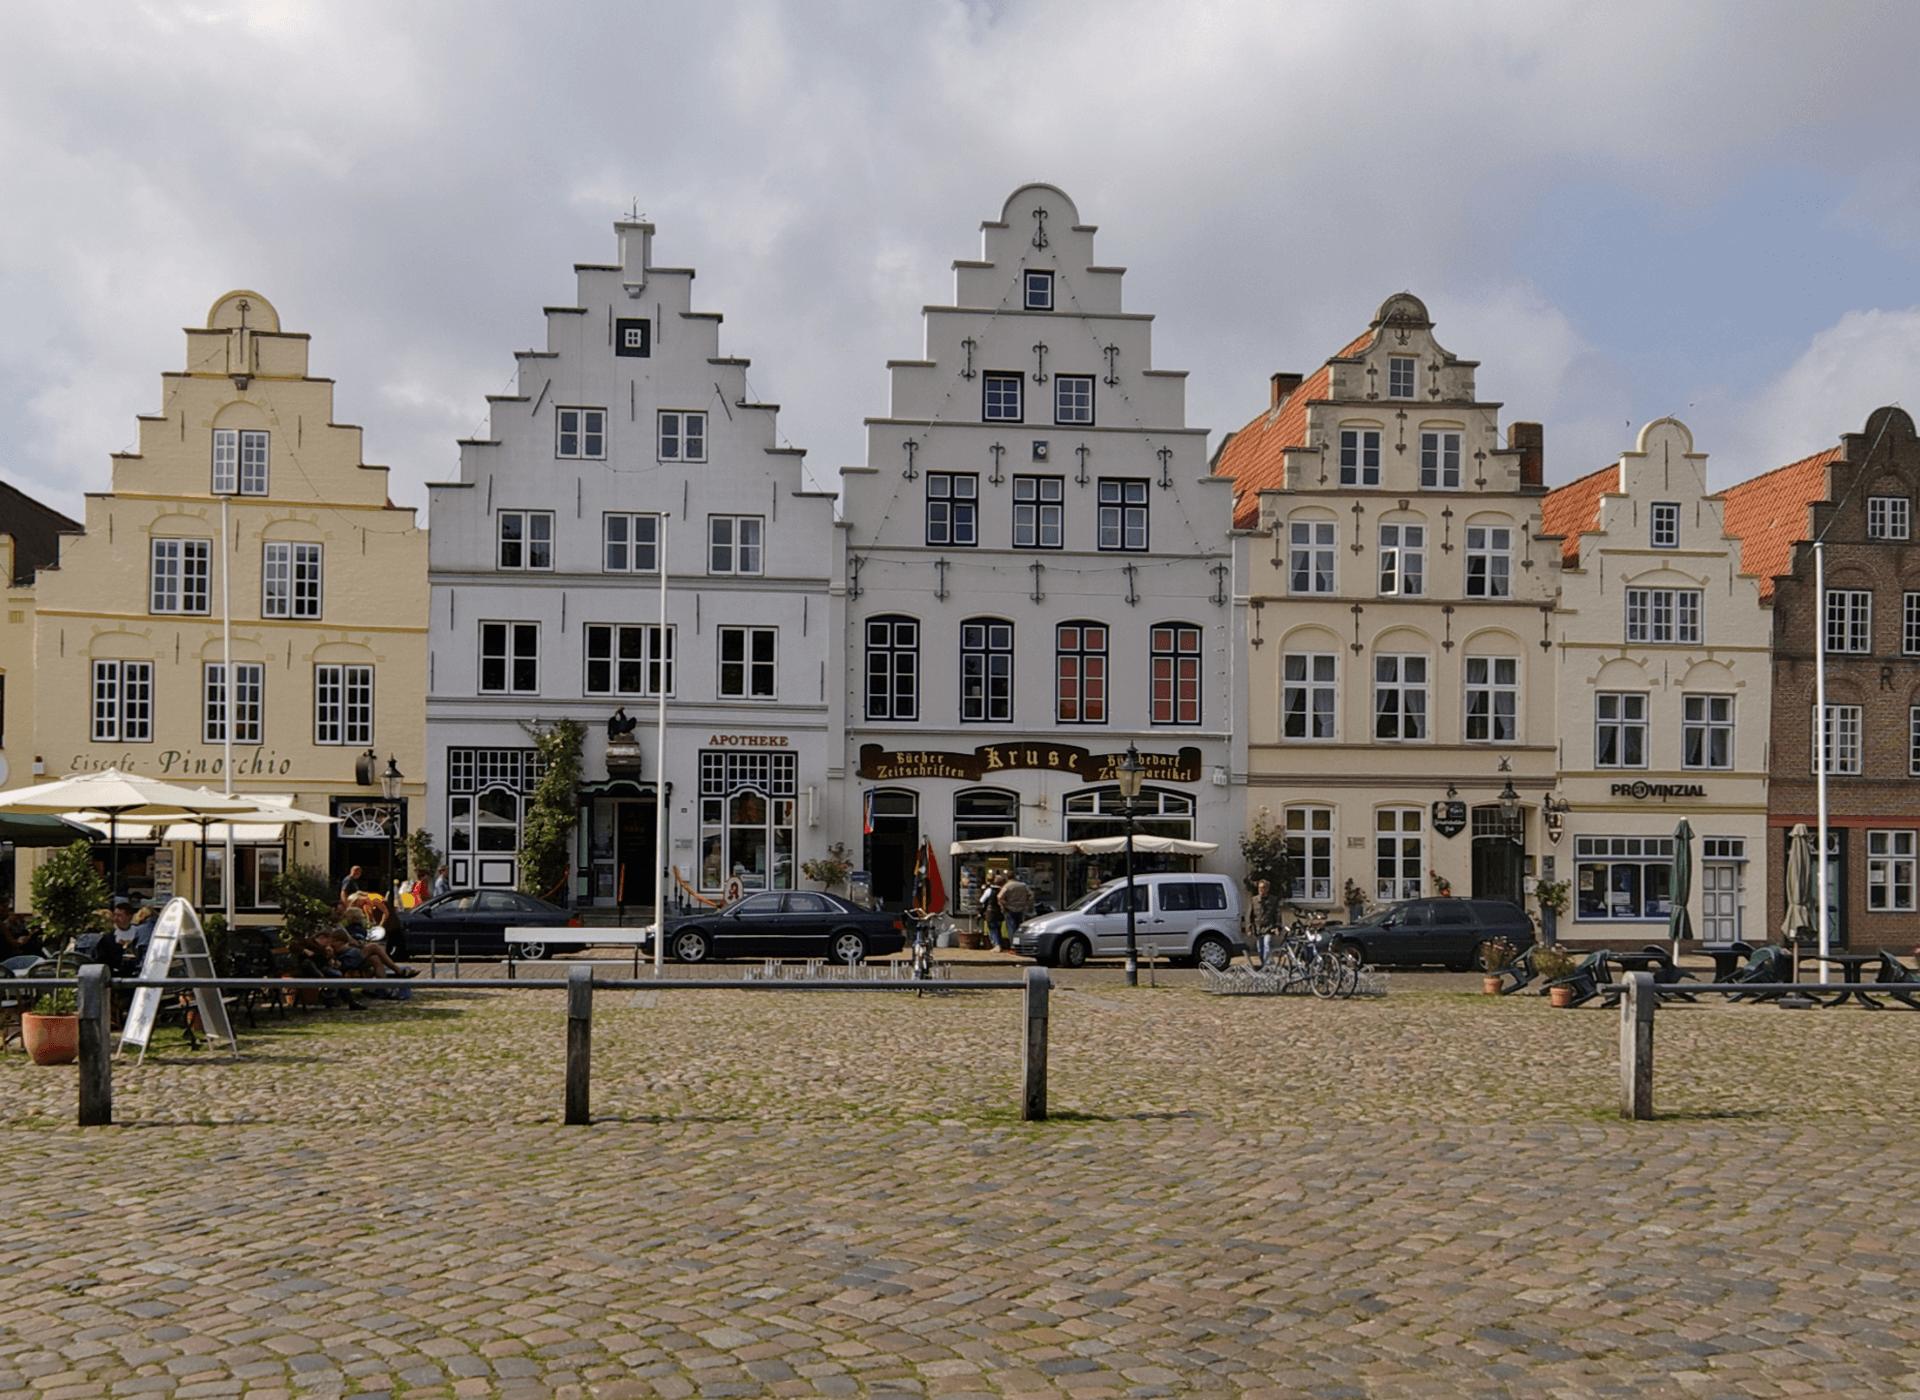 Treppengiebelhäuser am Markt Friedrichstadt